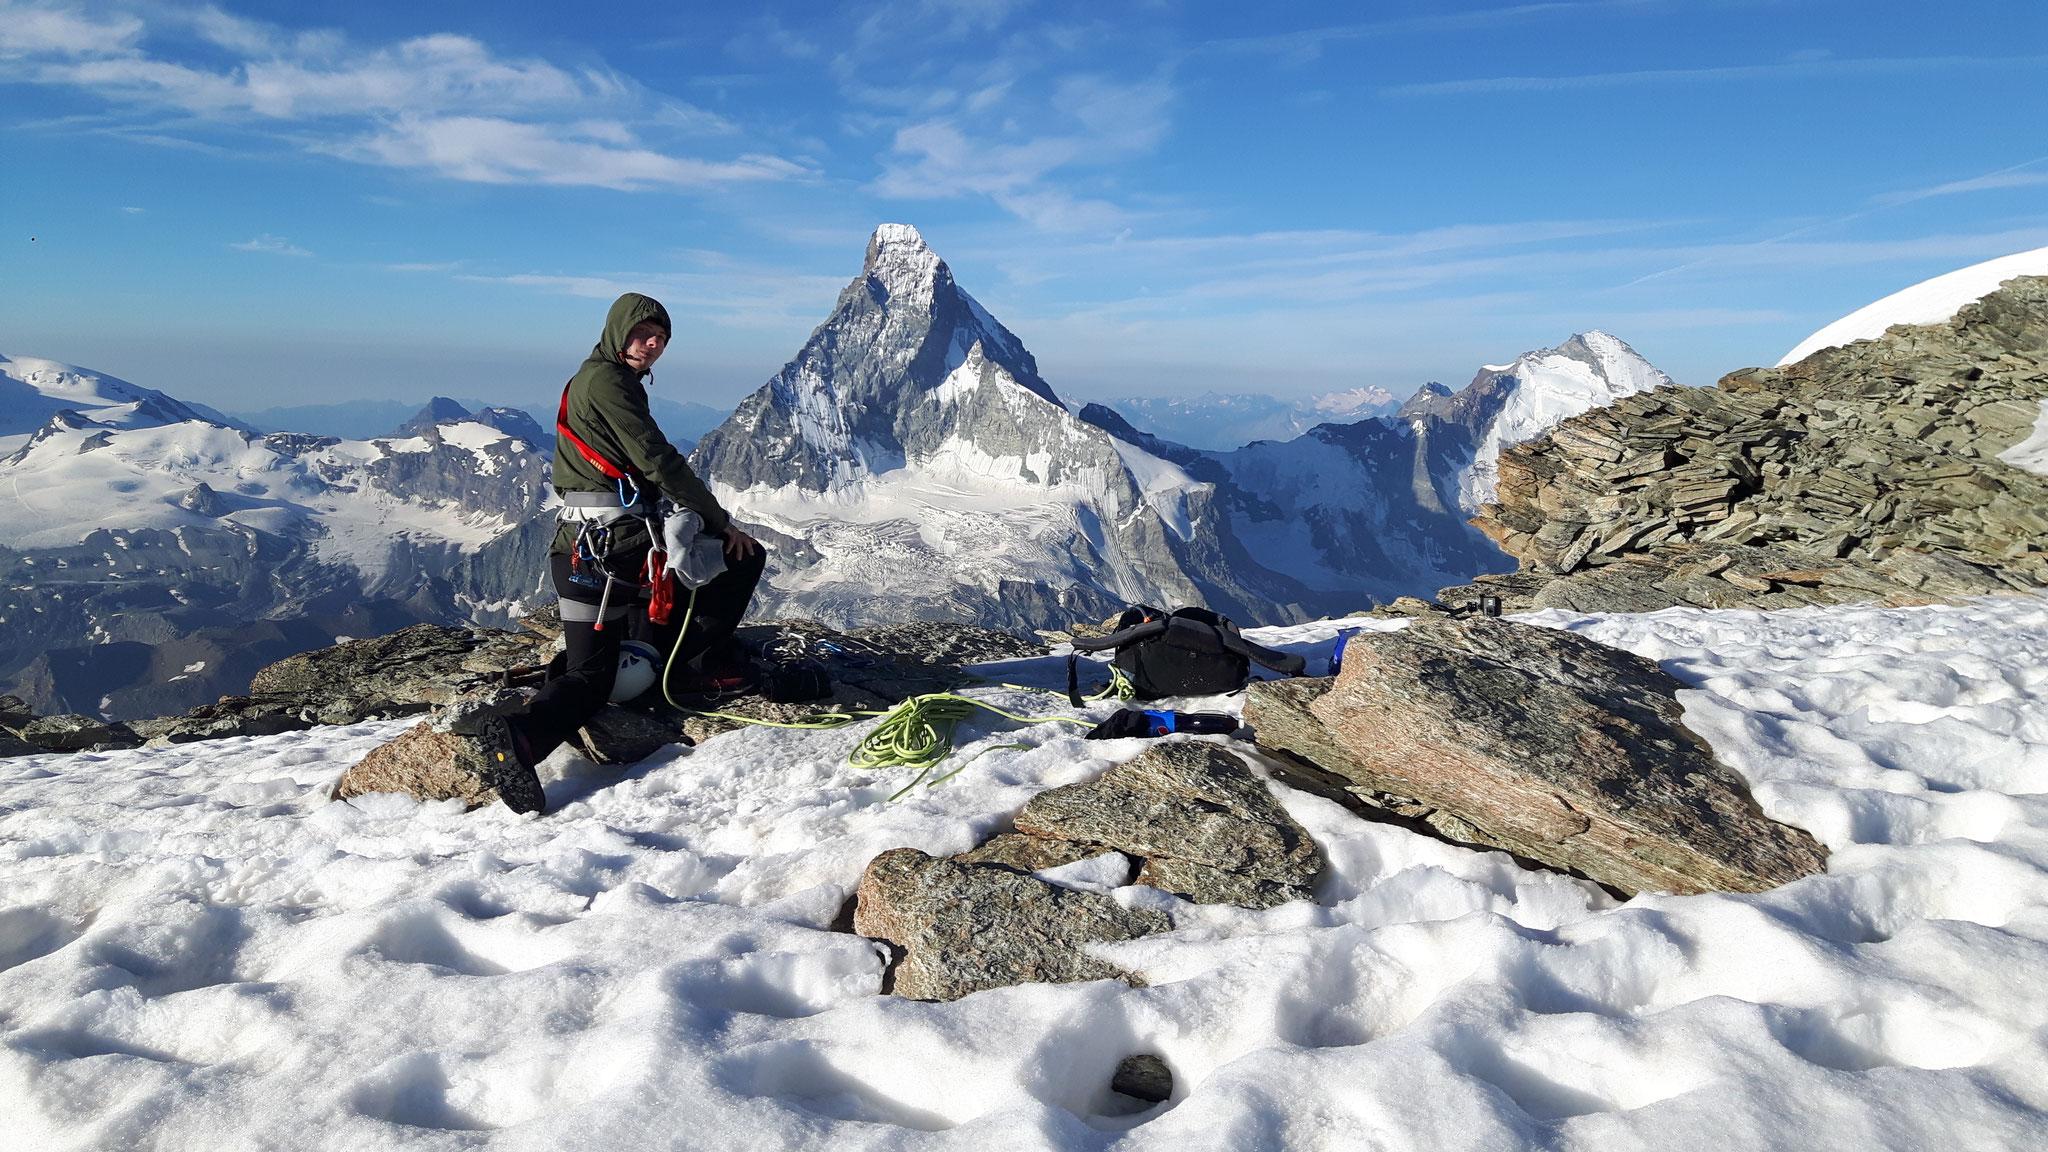 Plateau vor Wellenkuppe-Blick zum Matterhorn-3800m